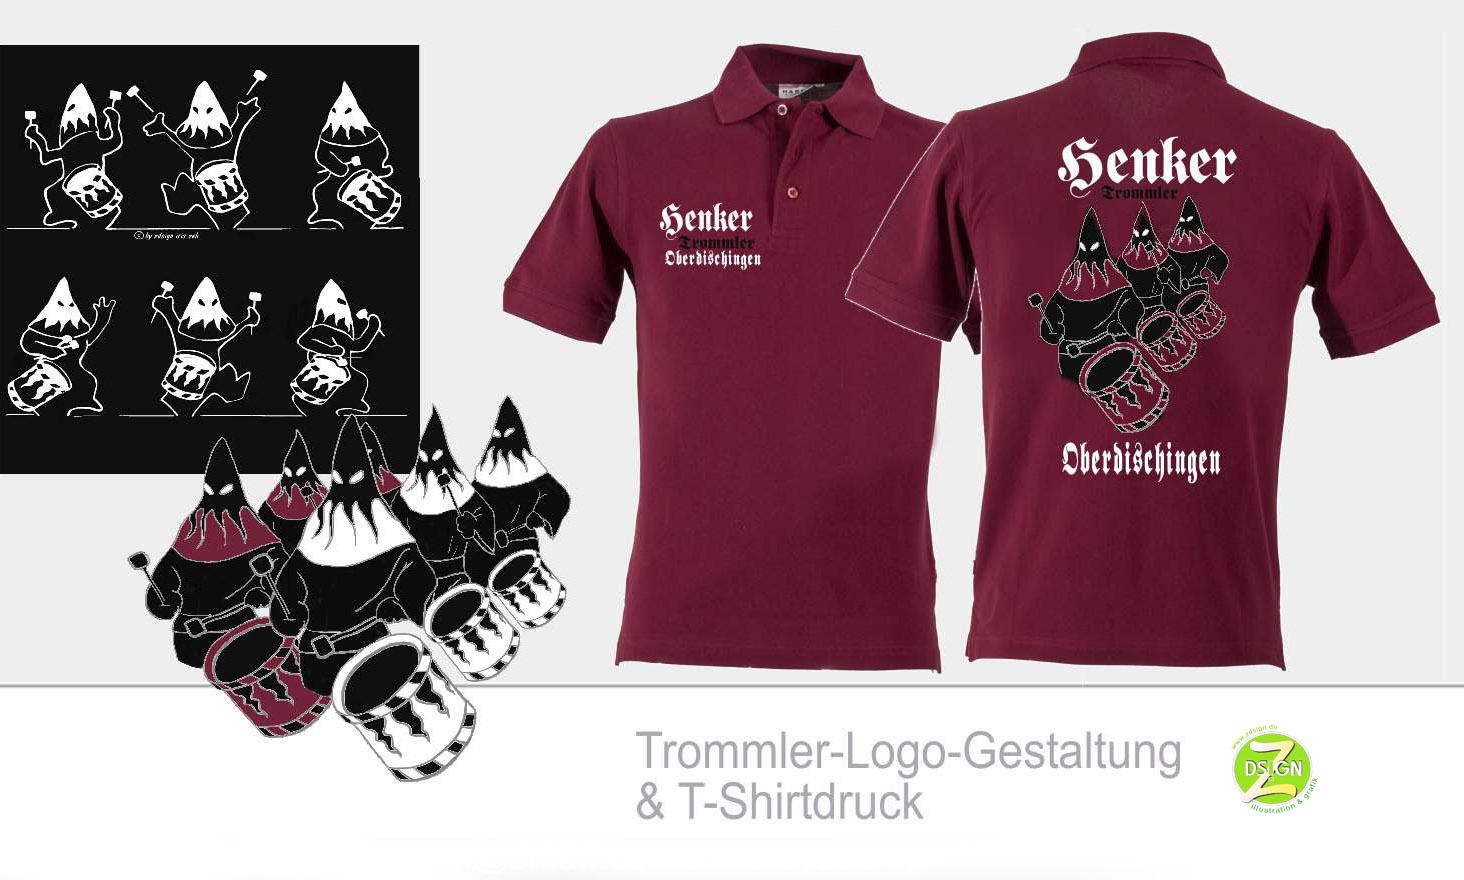 logoentwurf-tshirt-gestaltung-für-henker-trommler-oberdischingen